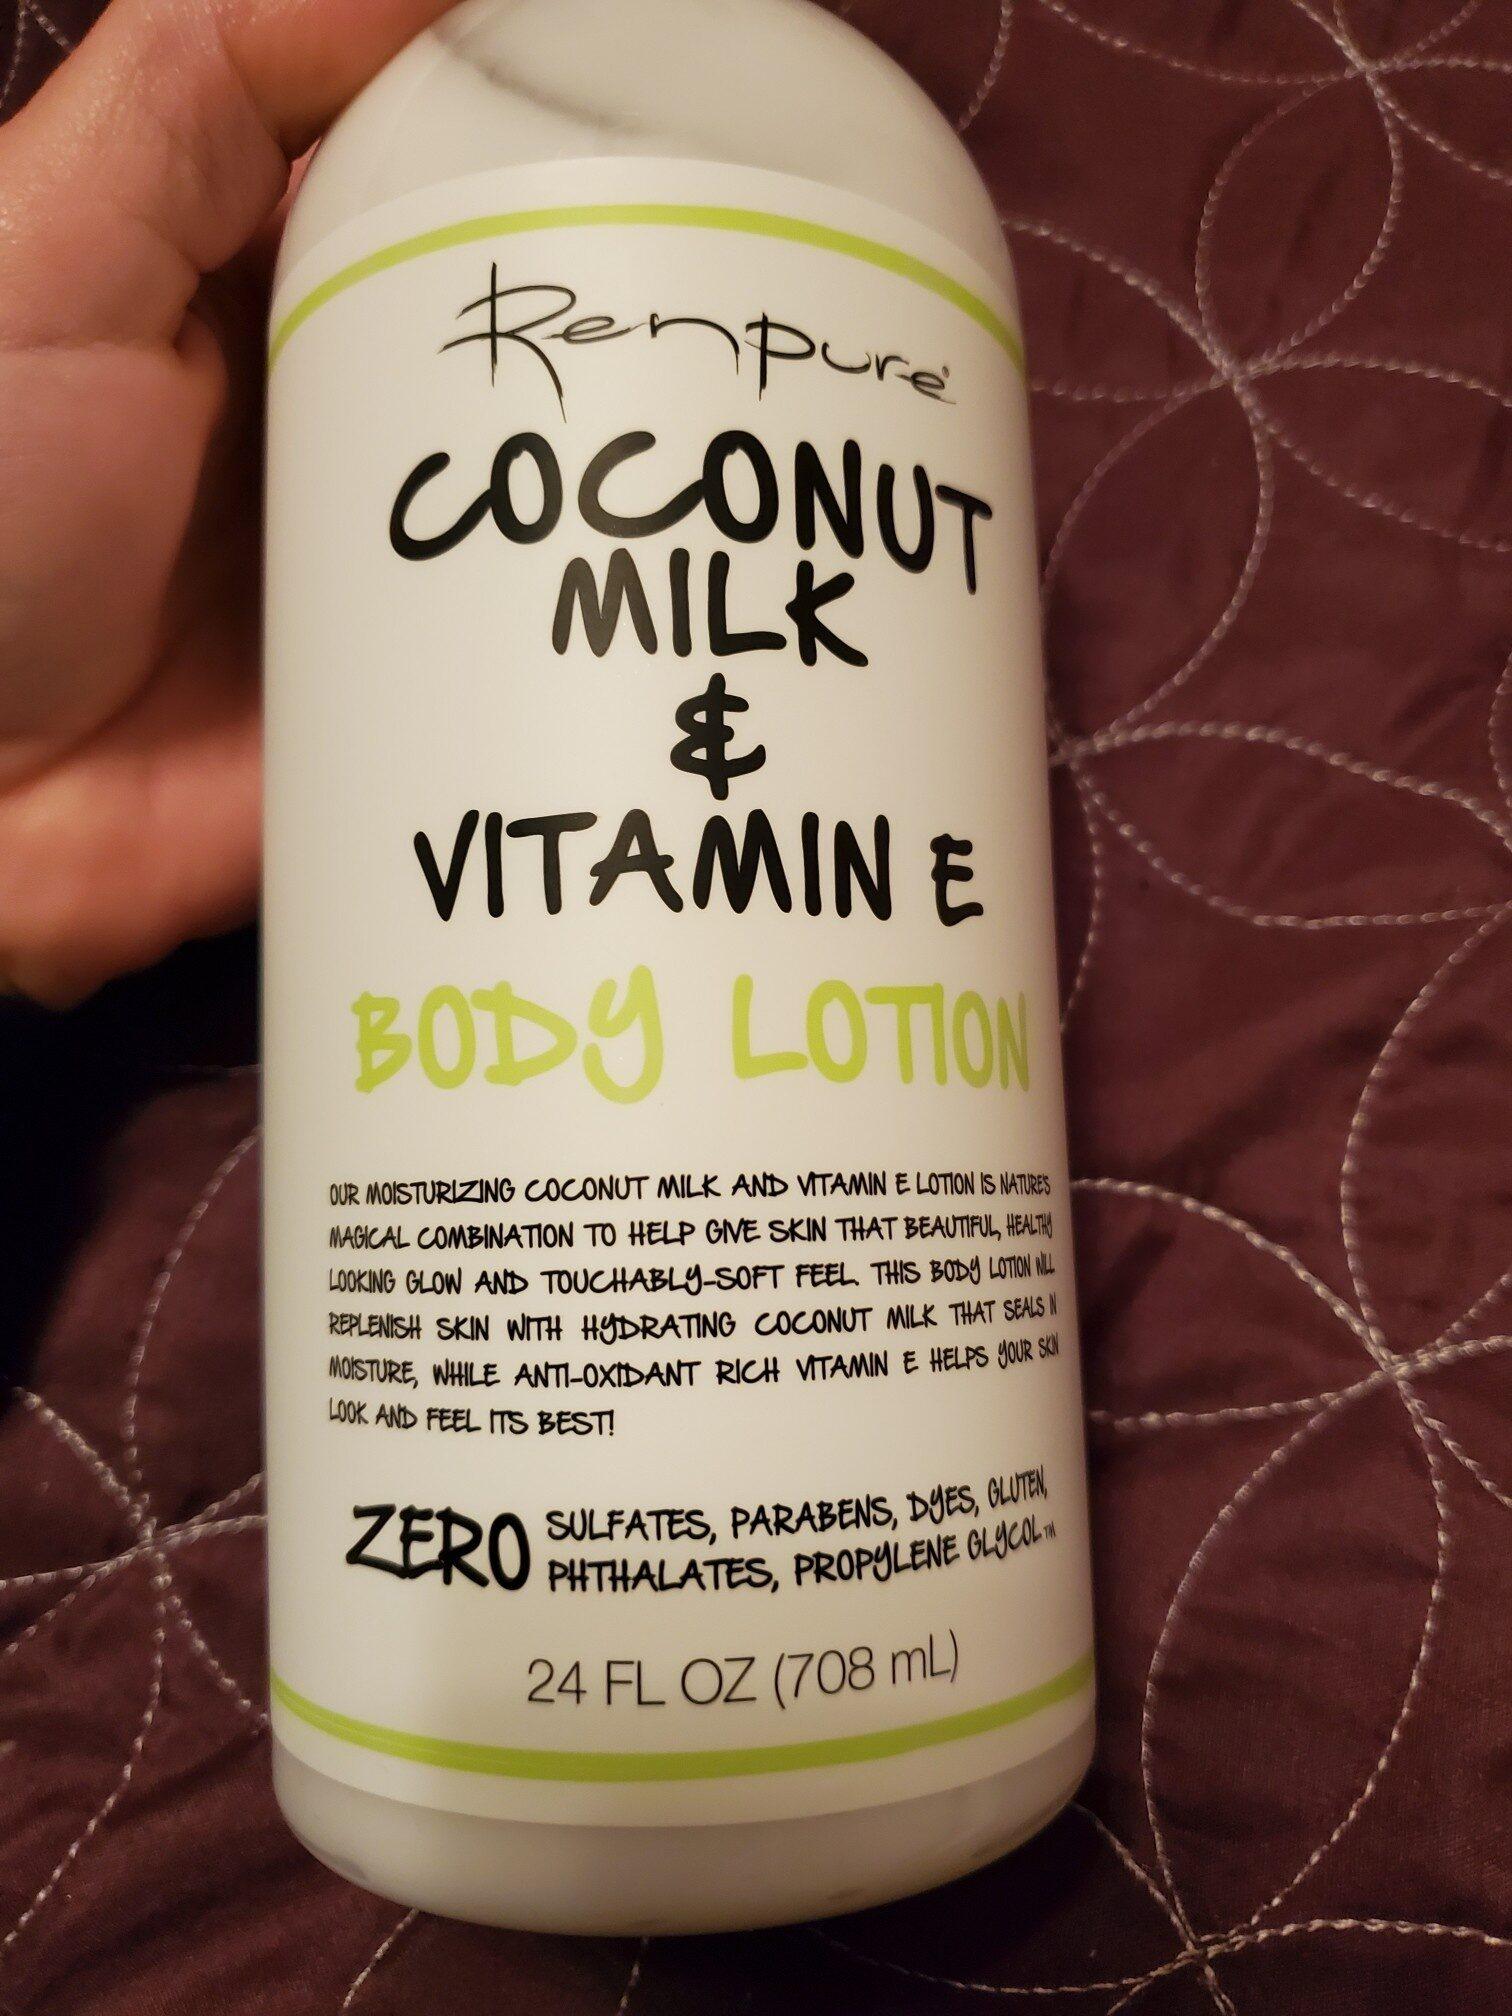 Renpure  Coconut milk and vitamin E body lotion - Product